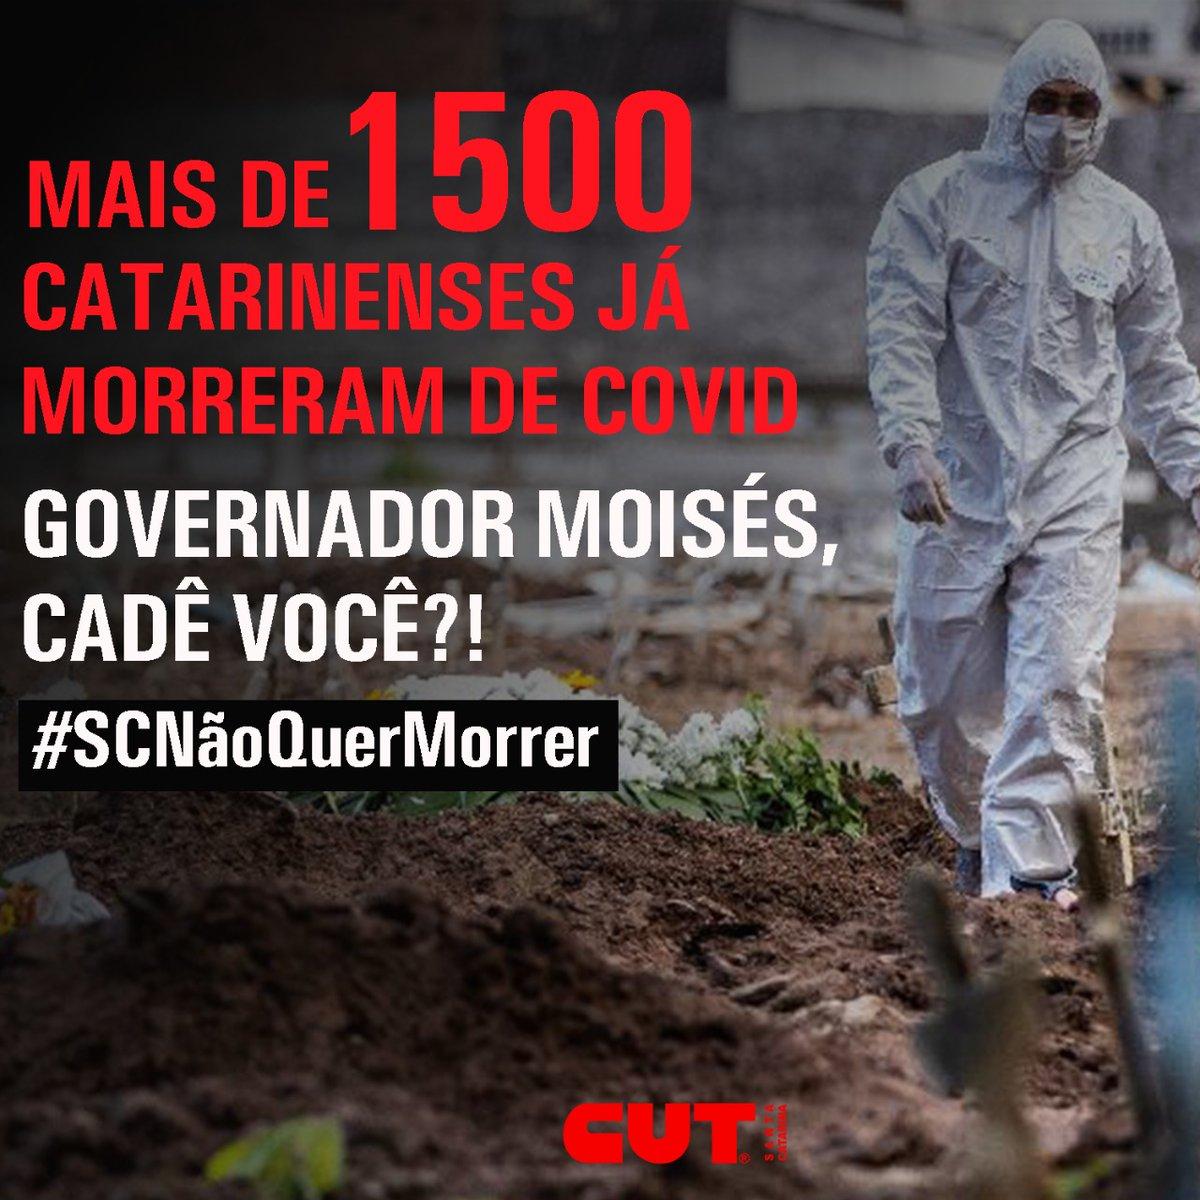 ❌ Só nesta segunda-feira (10), Santa Catarina registrou 96 novas mortes por coronavírus, o número mais alto divulgado em um único boletim desde o início da pandemia, com a ocupação na taxa de leitos de UTI acima de 80% no Estado. Enquanto isso, Moisés...  #SCNãoQuerMorrer https://t.co/V3IBRpSaUy